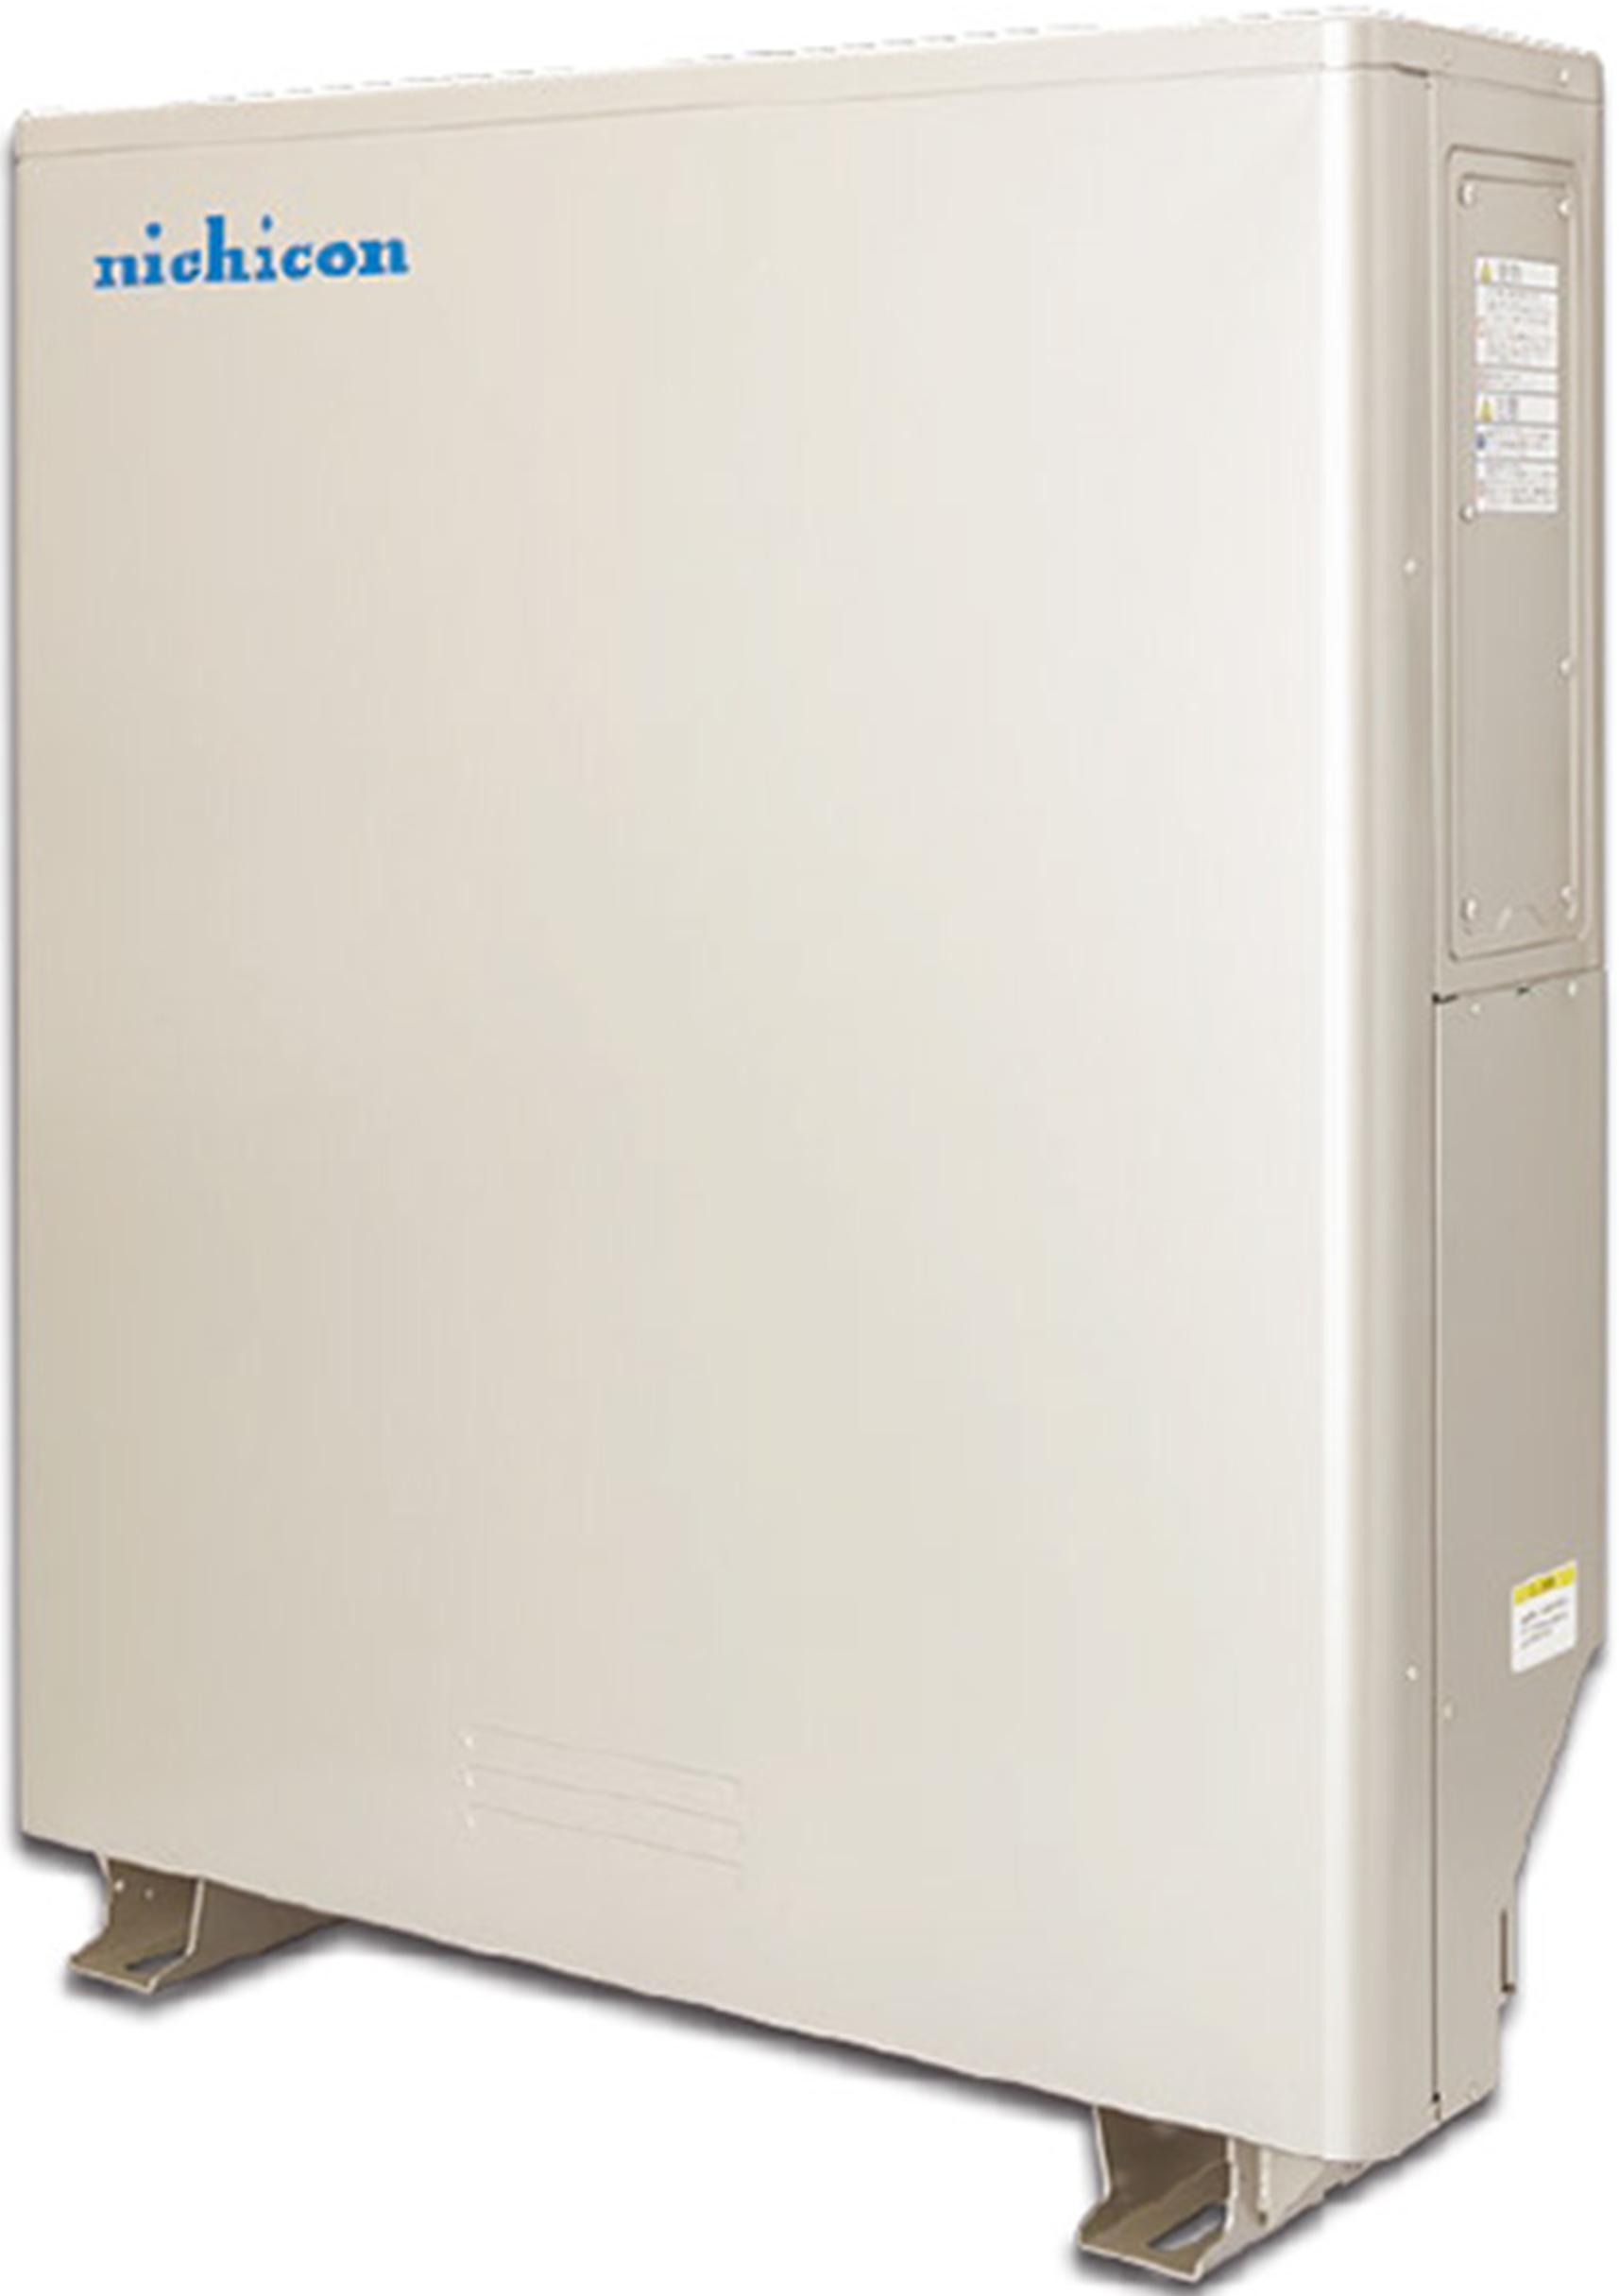 ニチコン蓄電池 ESS-U2L1